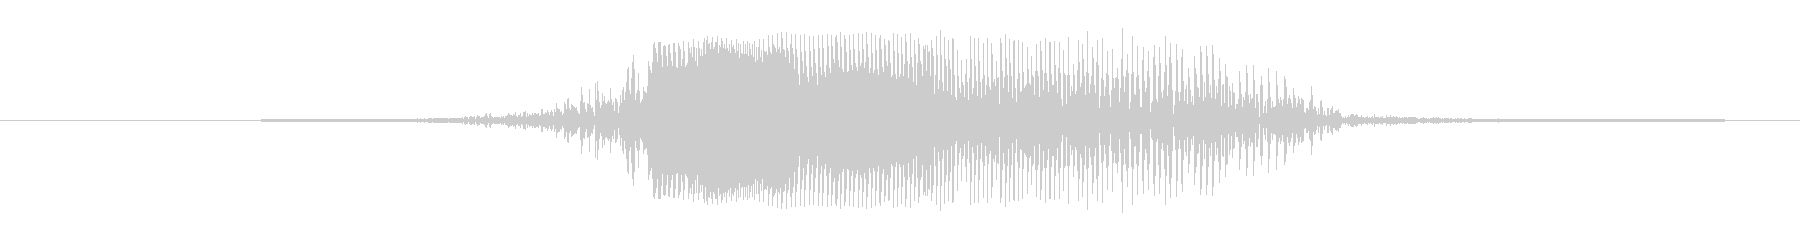 鳴き声 女性ファイトアタックヒット07の未再生の波形